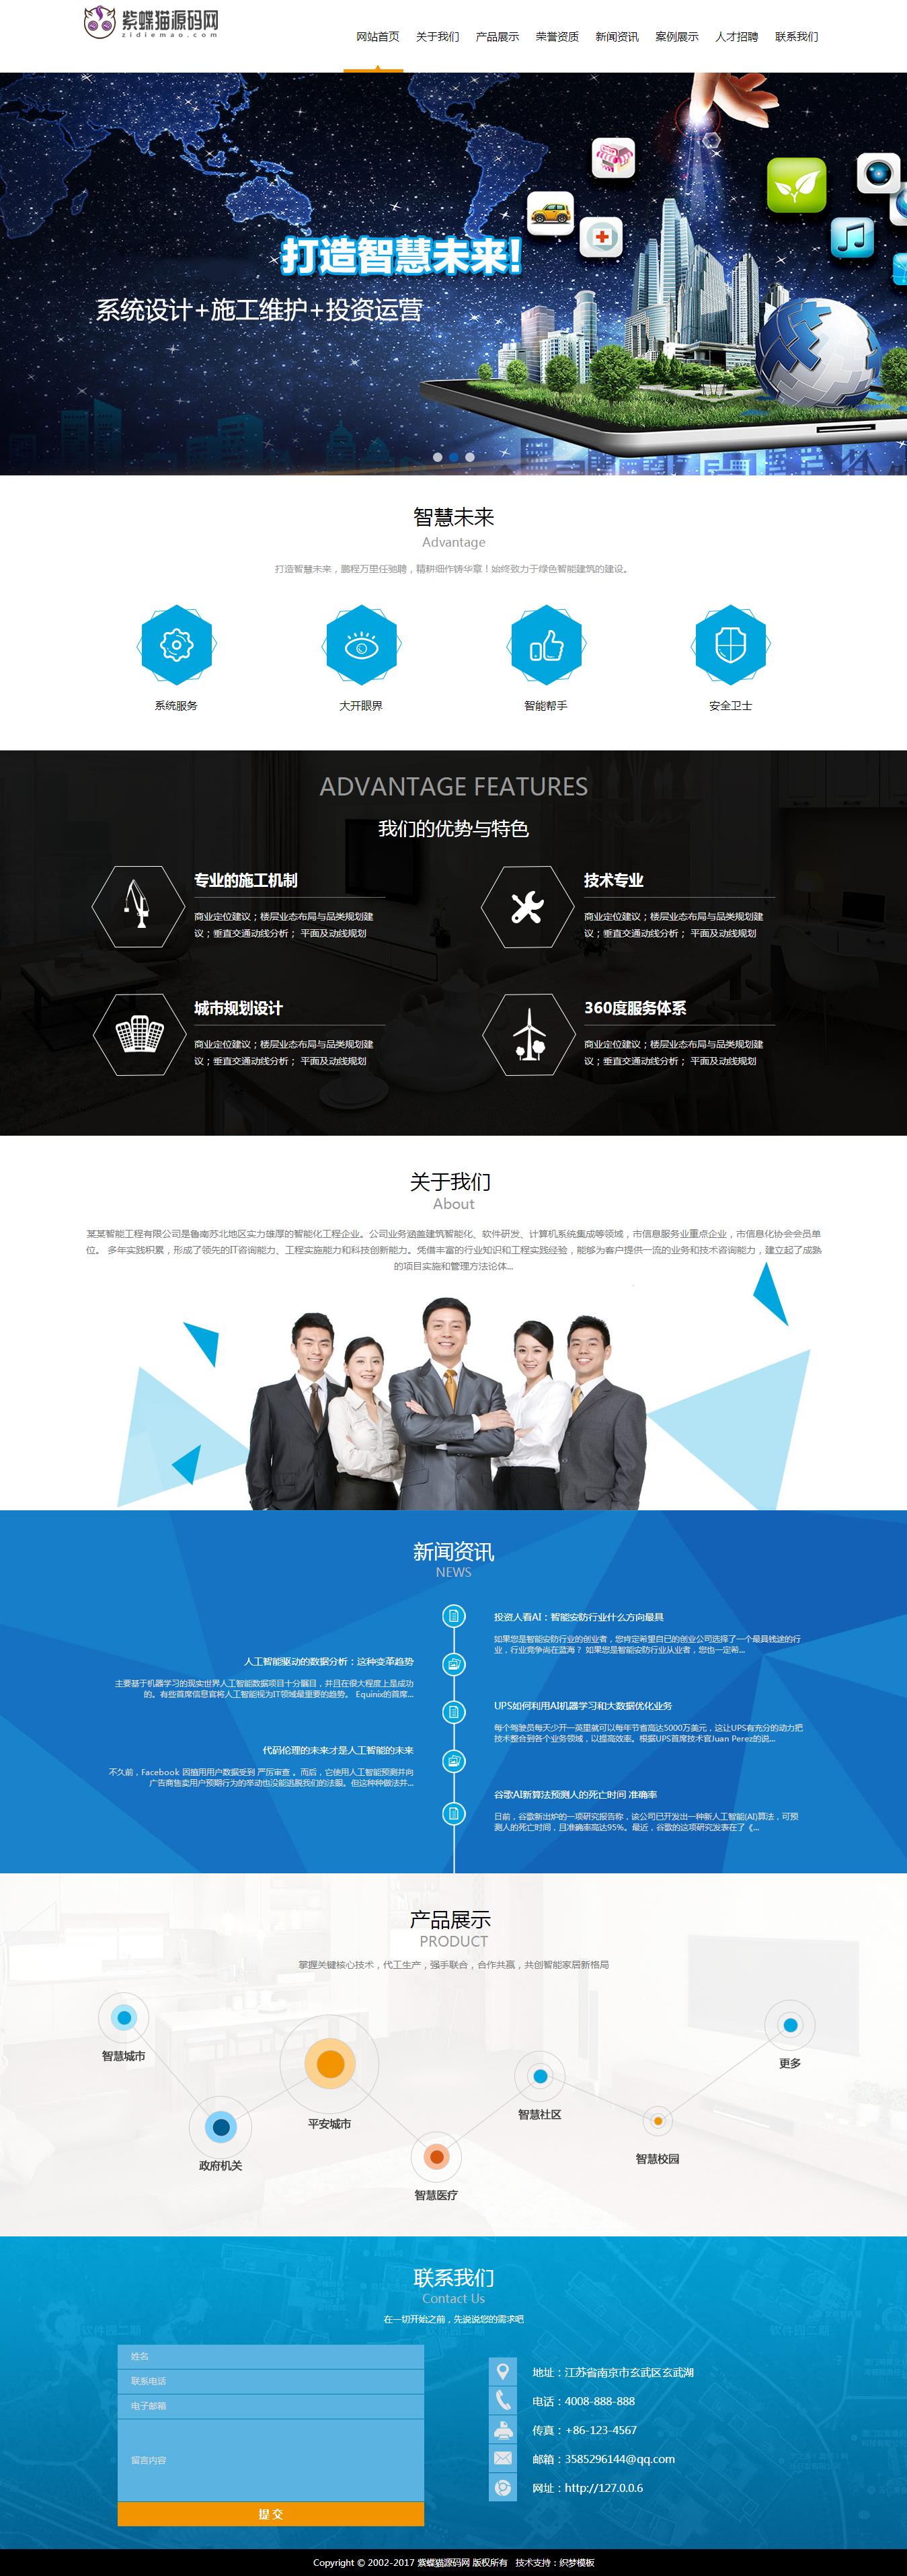 软件公司门户网站模板